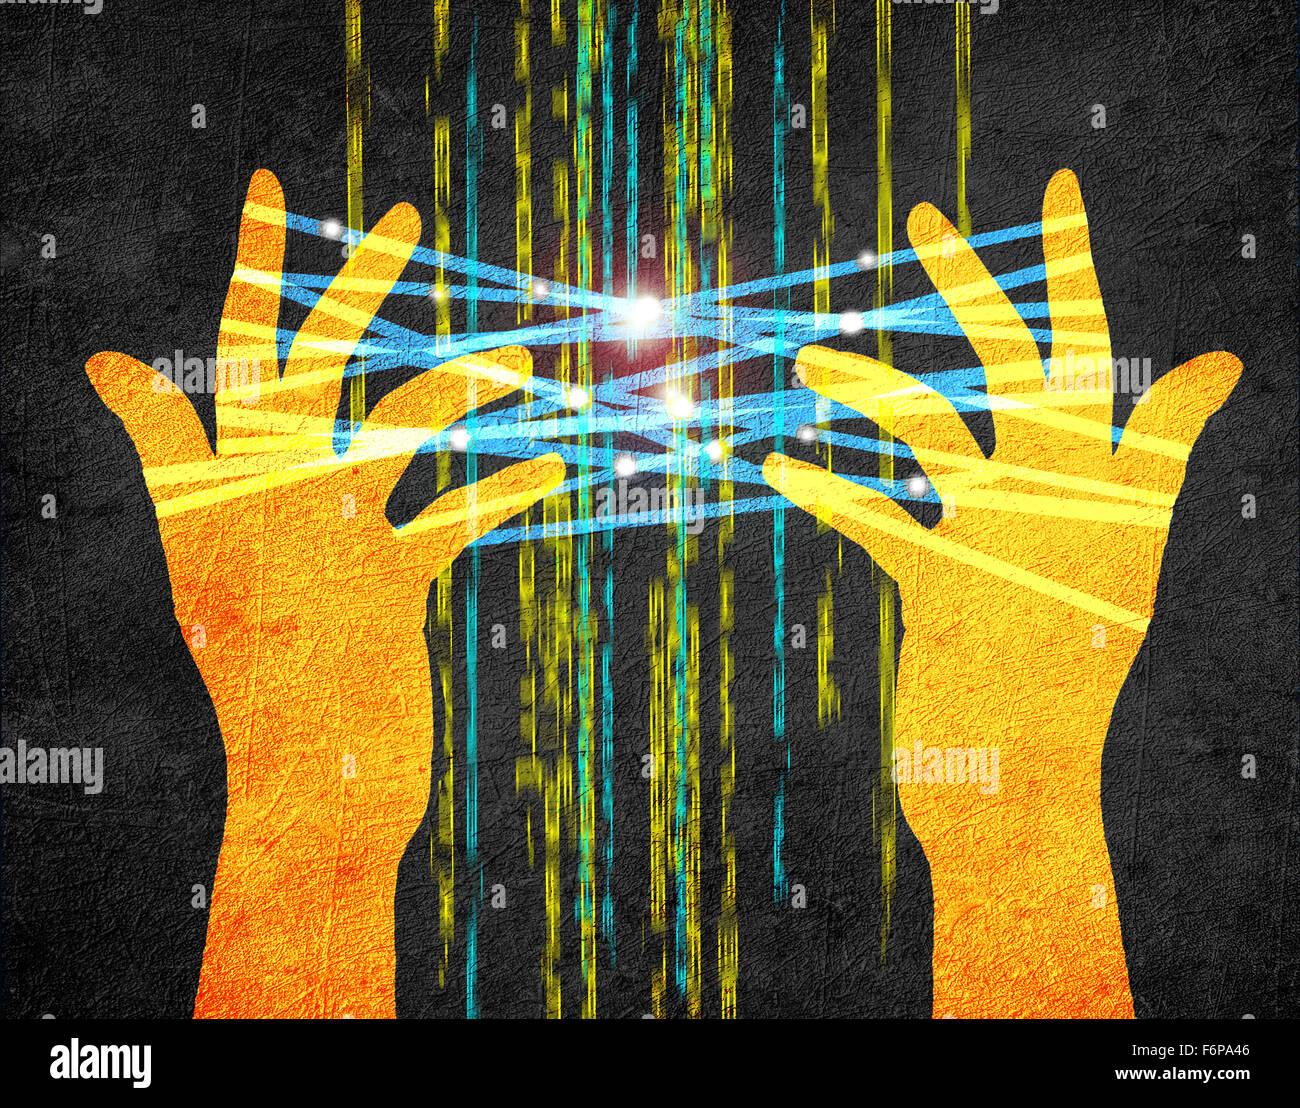 Concepto de internet ilustración digital con las manos Imagen De Stock